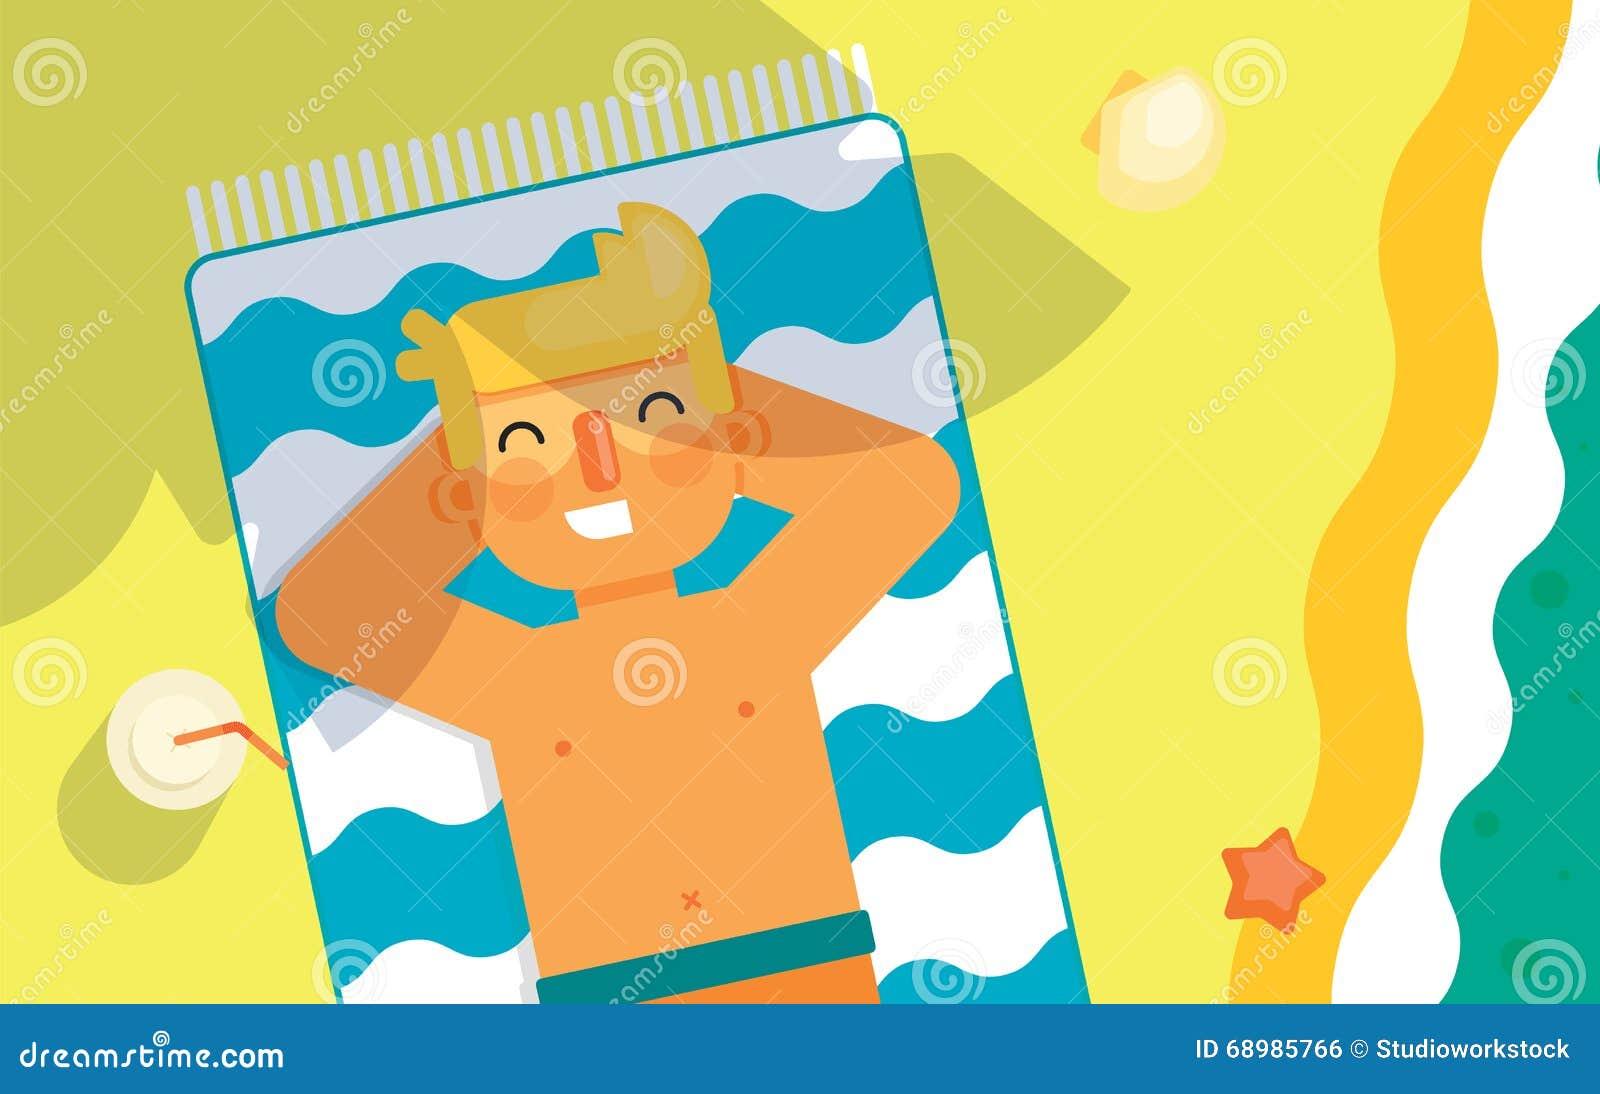 El hombre toma el sol en la playa debajo del sol